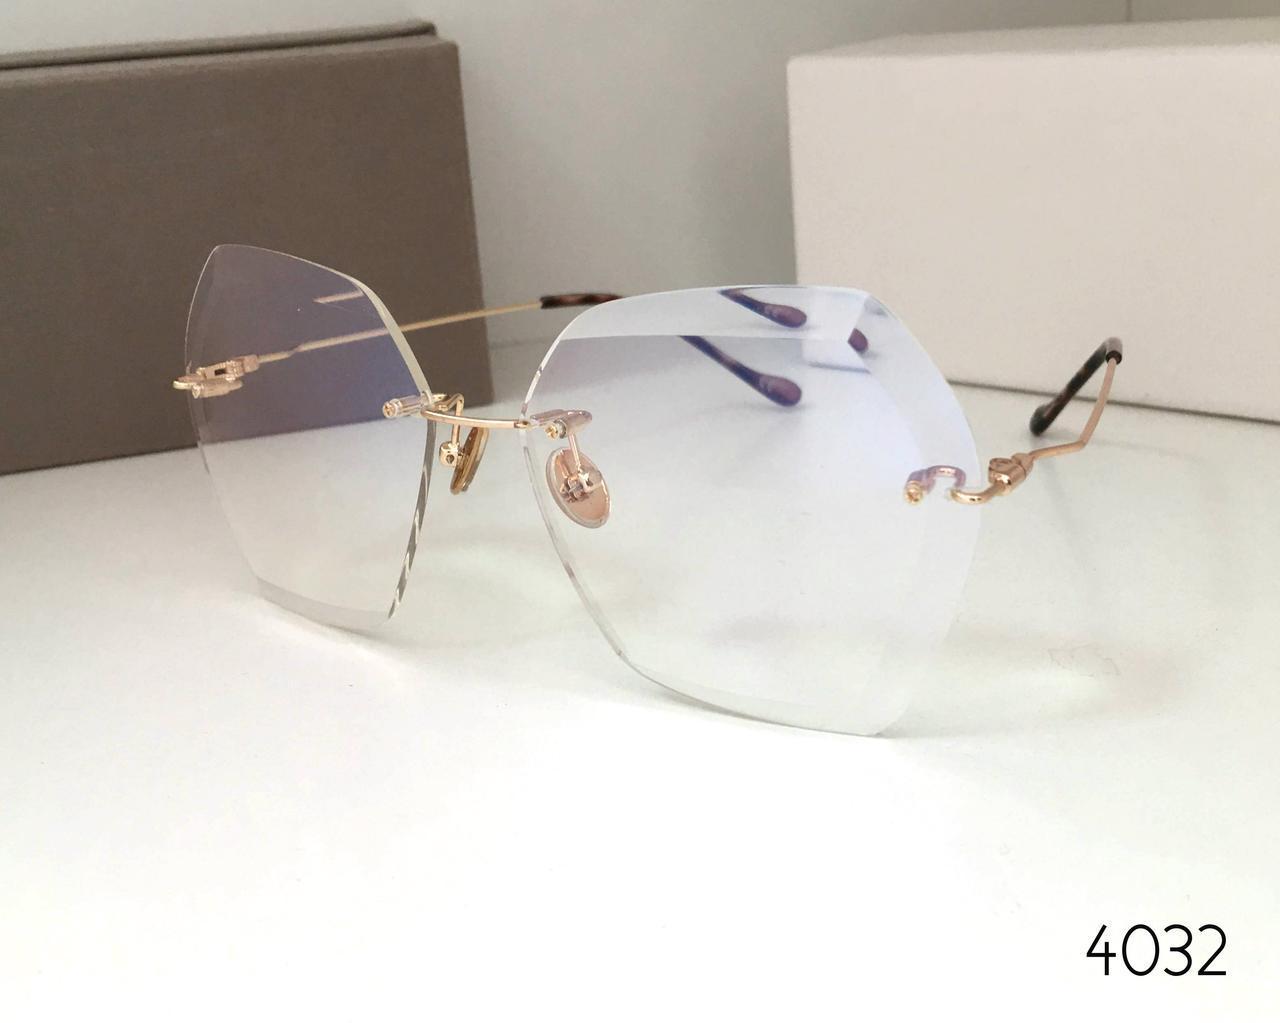 Имиджевые стильные очки безободковые льдинки 17042 с уф защитой